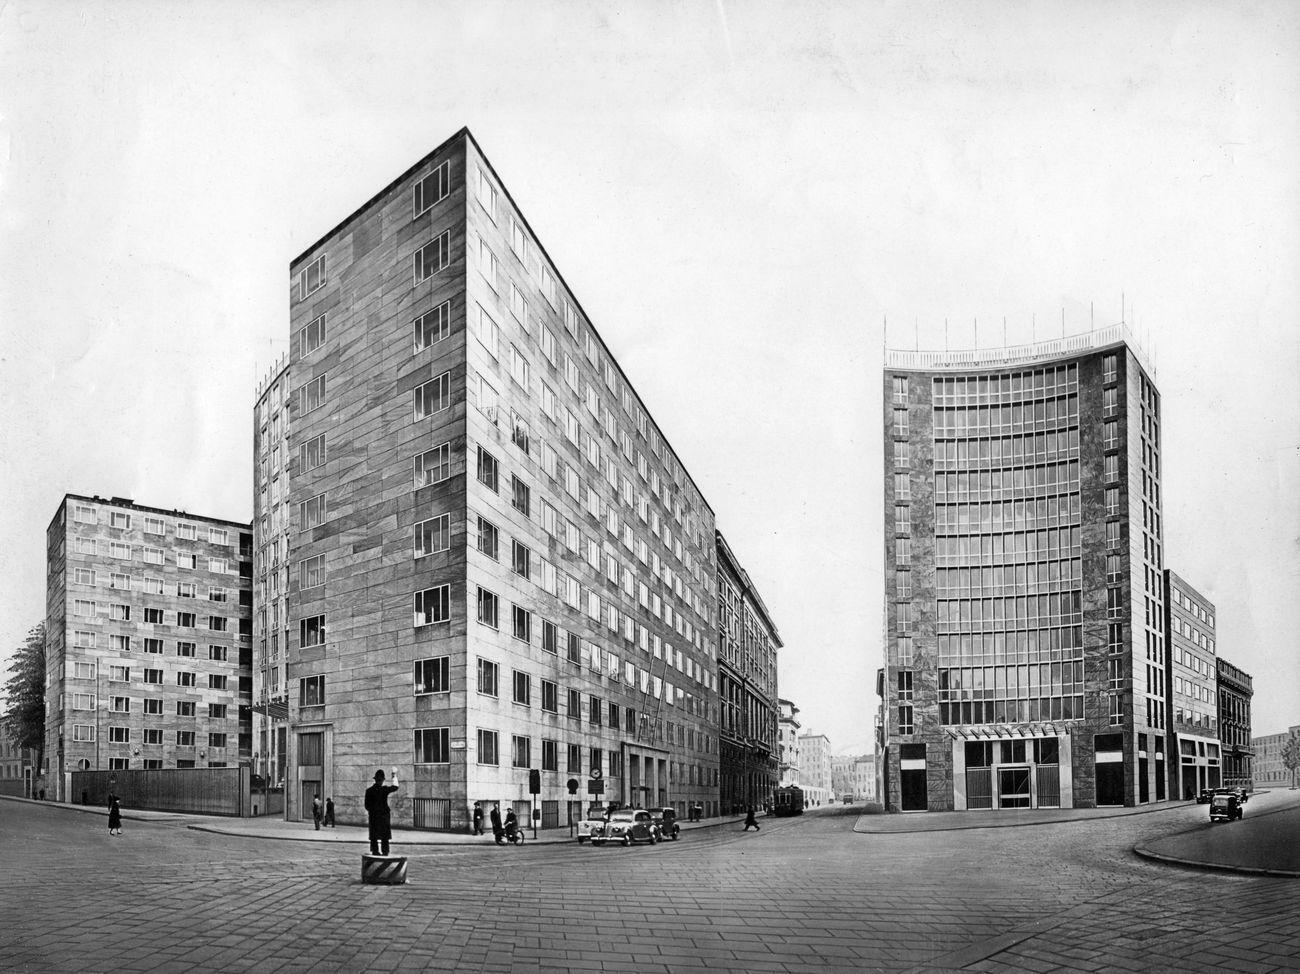 I due palazzi Montecatini in largo Donegani. A sinistra quello del 1936, a destra quello del 1951 © Gio Ponti Archives